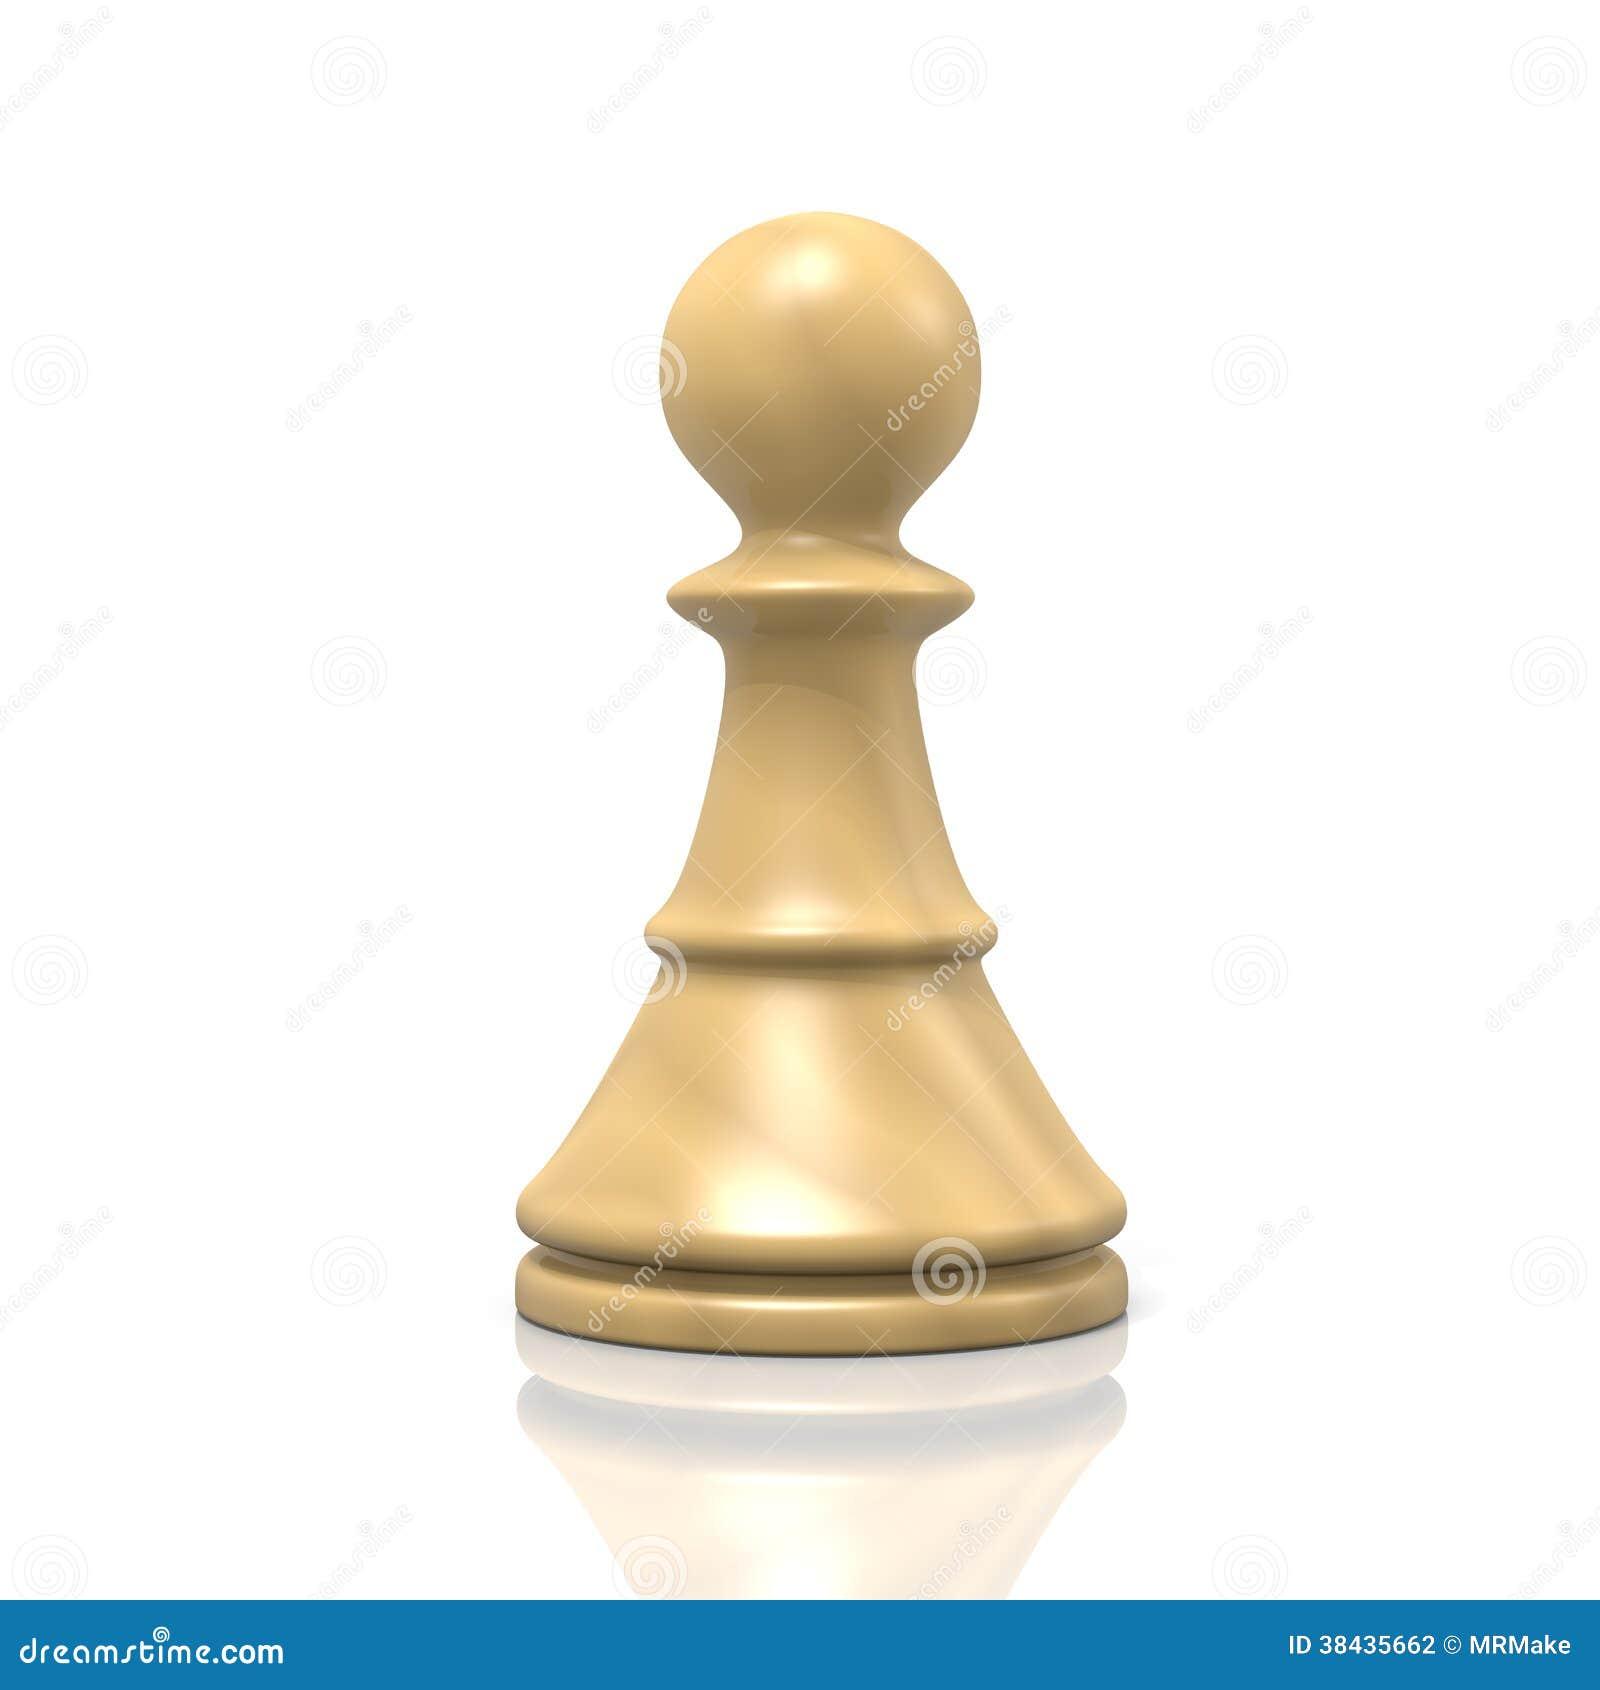 白色西洋棋棋子图片